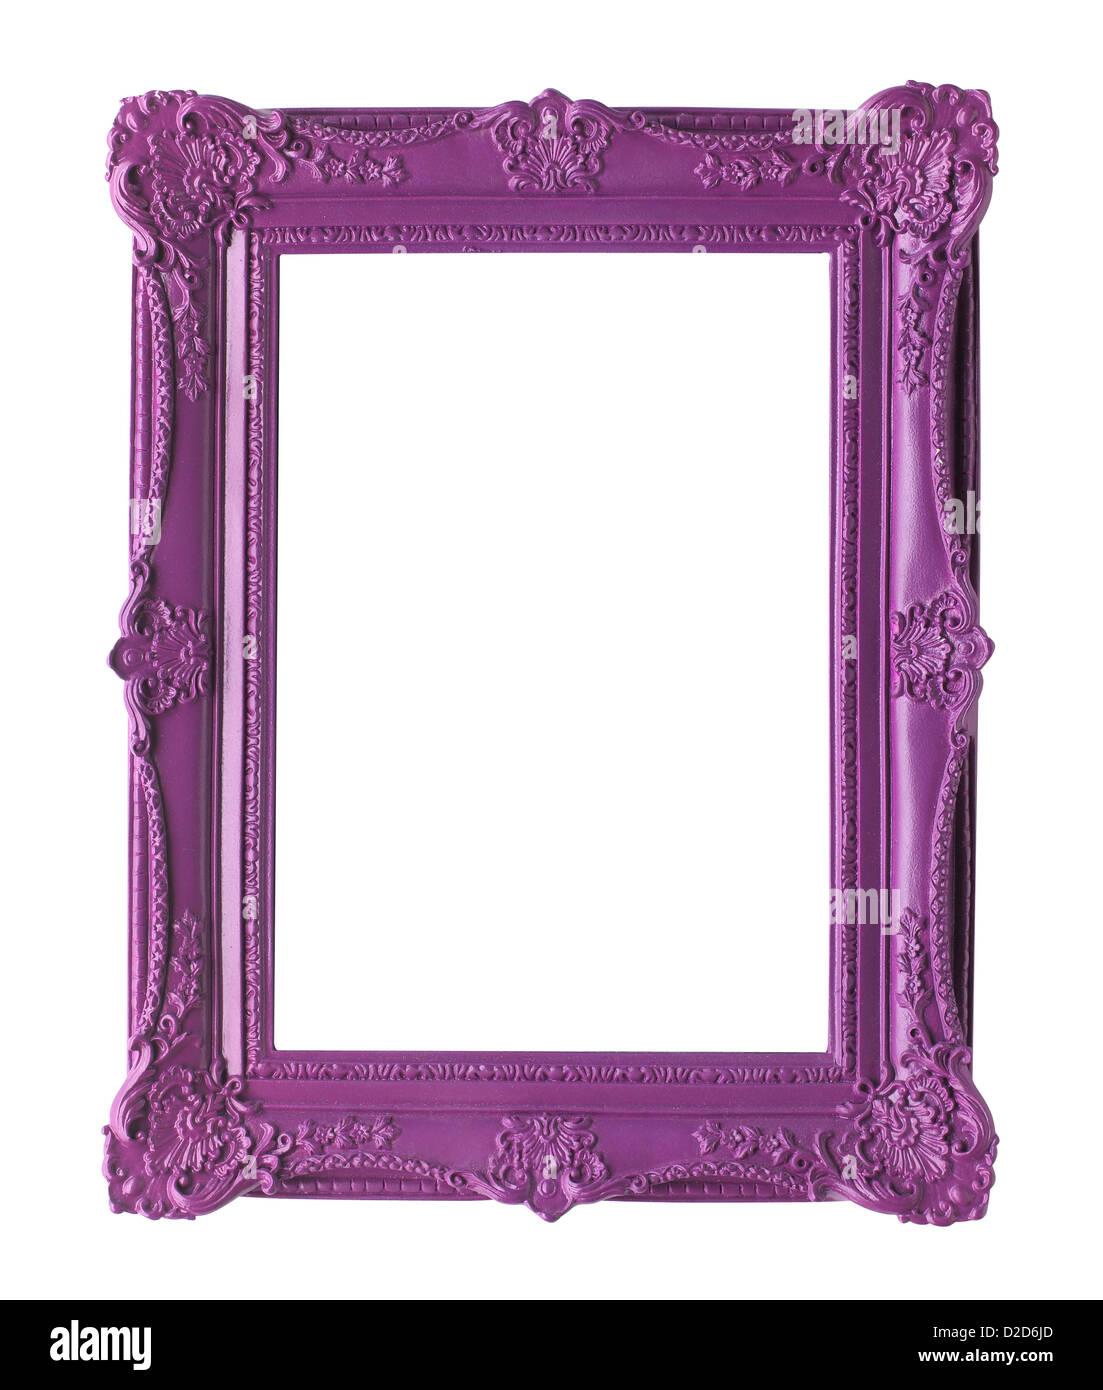 Cadre photo vide découper fond blanc Photo Stock